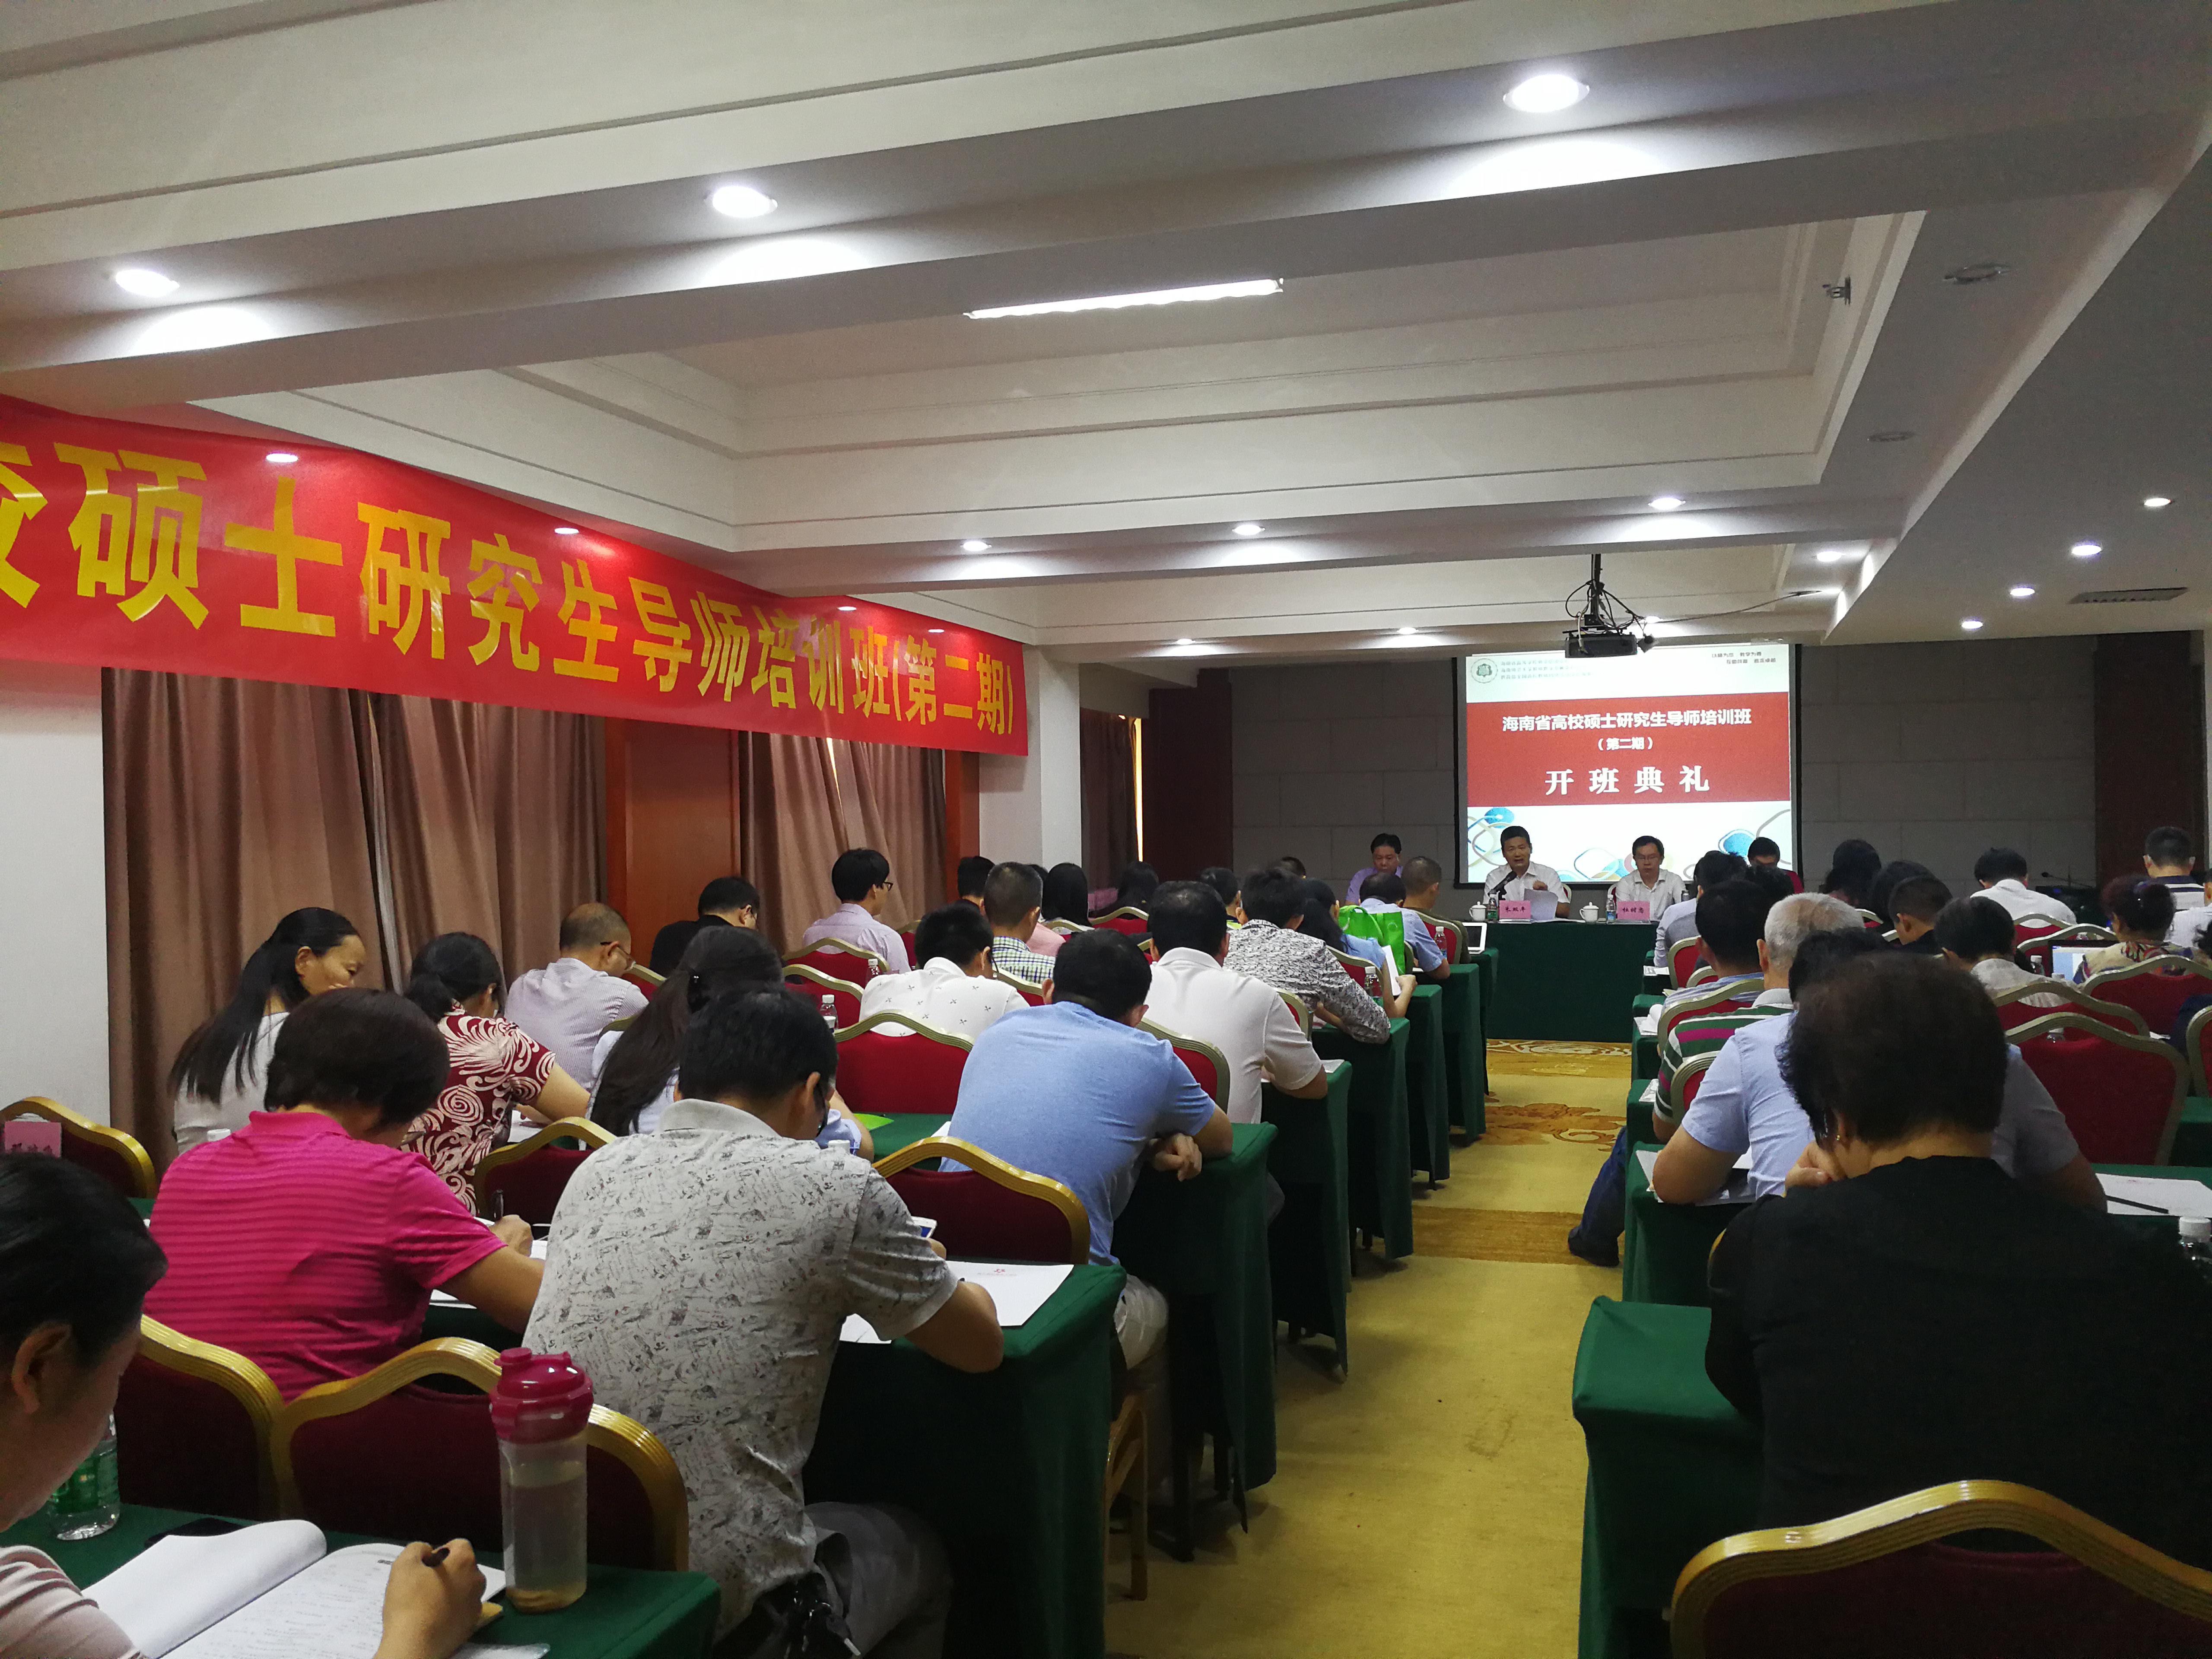 海南省高校硕士研究生导师培训班(第二期)开班典礼顺利举行